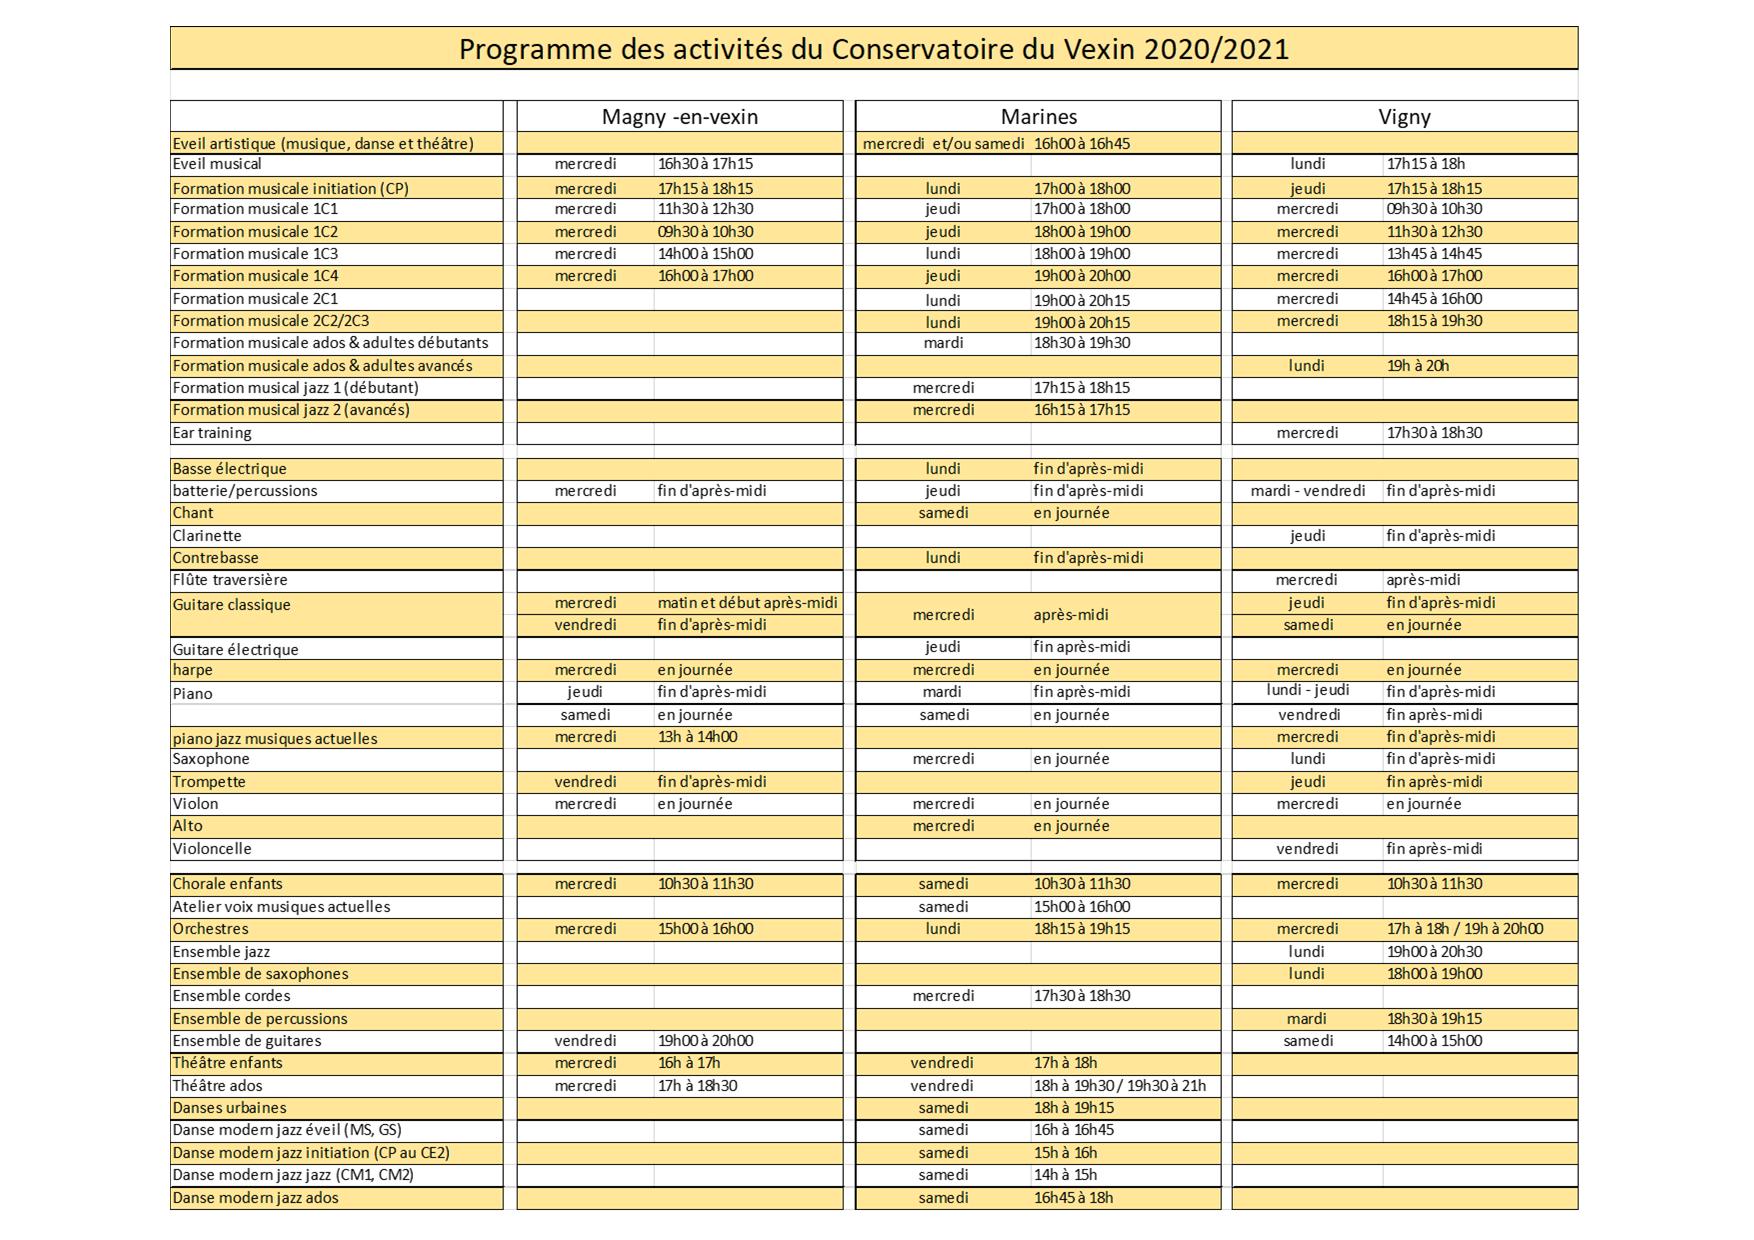 programme des activités 2020 2021.png